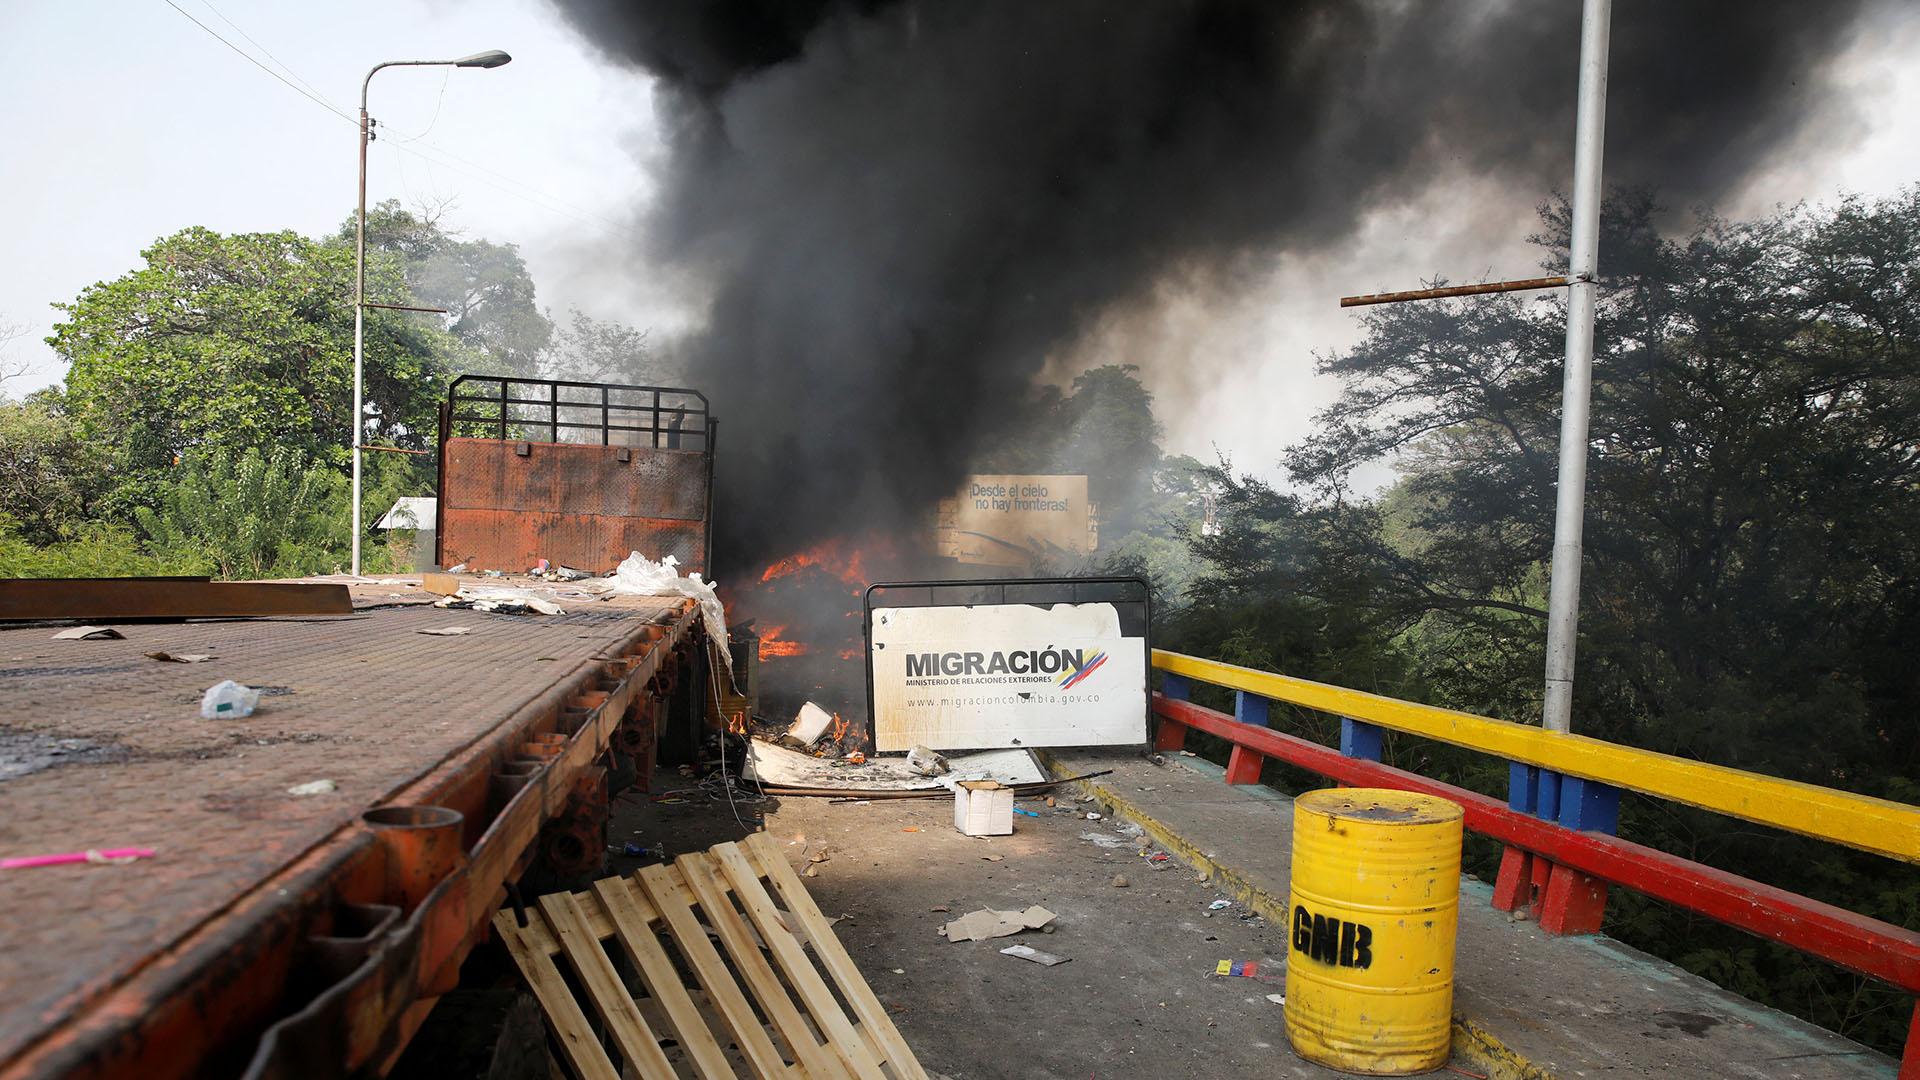 Un camión que transportaba ayuda humanitaria para Venezuela se ve en llamas después de los enfrentamientos entre partidarios de la oposición y las fuerzas de seguridad de Venezuela en el puente Francisco de Paula Santander. El régimen de Nicolás Maduro envió a quemar varios camiones con comida y víveres (Reuters)